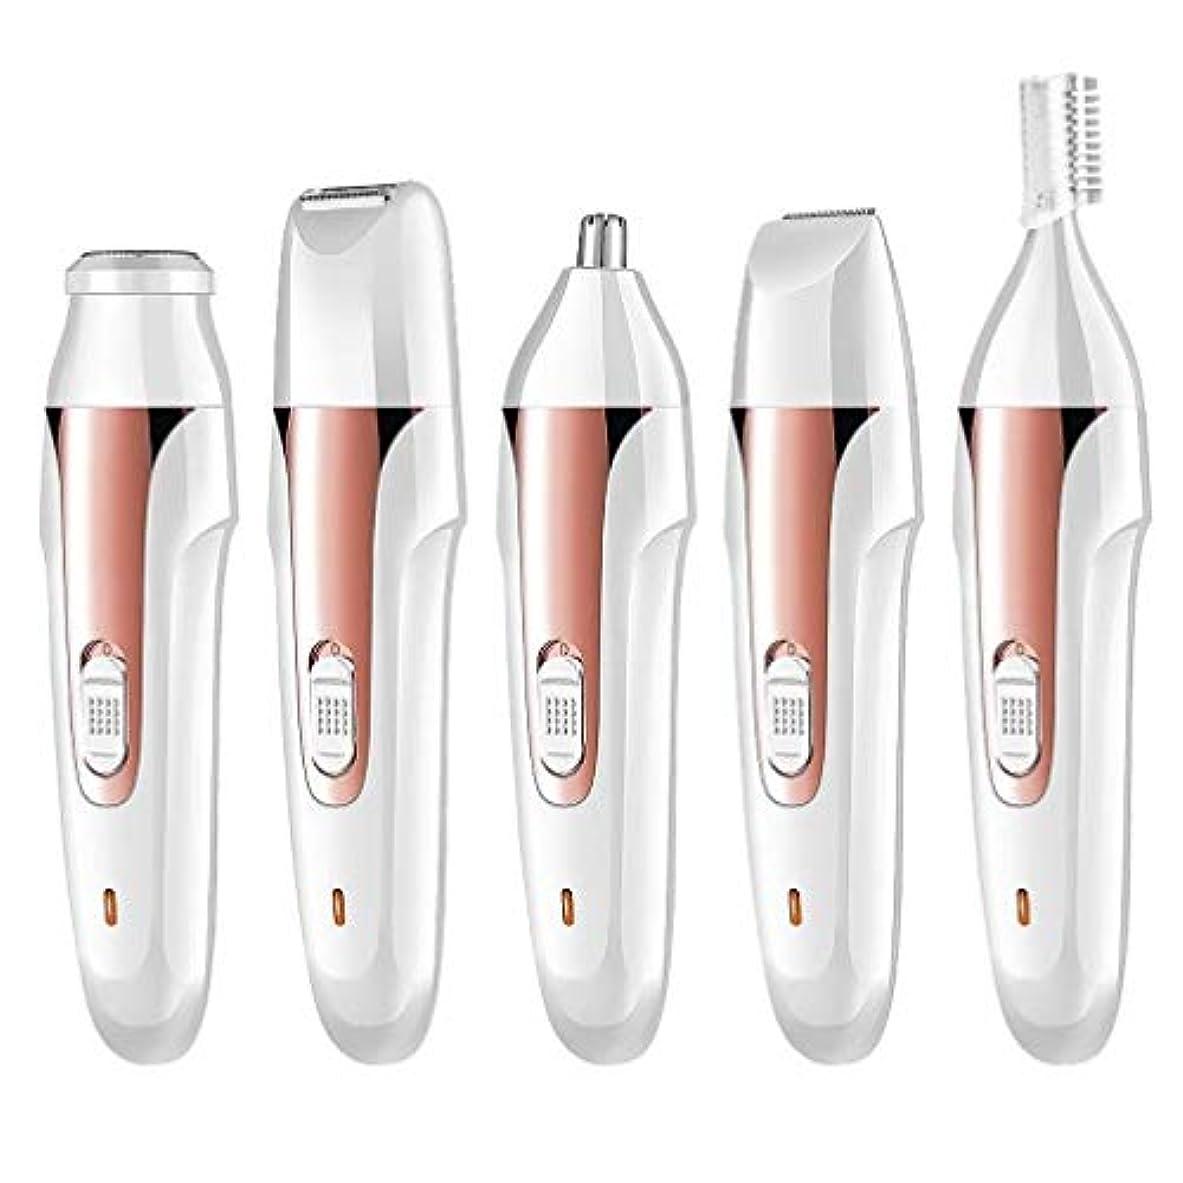 採用贅沢なシンボルポータブル鼻毛トリマー - 電動脱毛器具、USB充電器、多機能5つ1つ、眉毛形削りナイフ、ユニセックス (Color : 1)